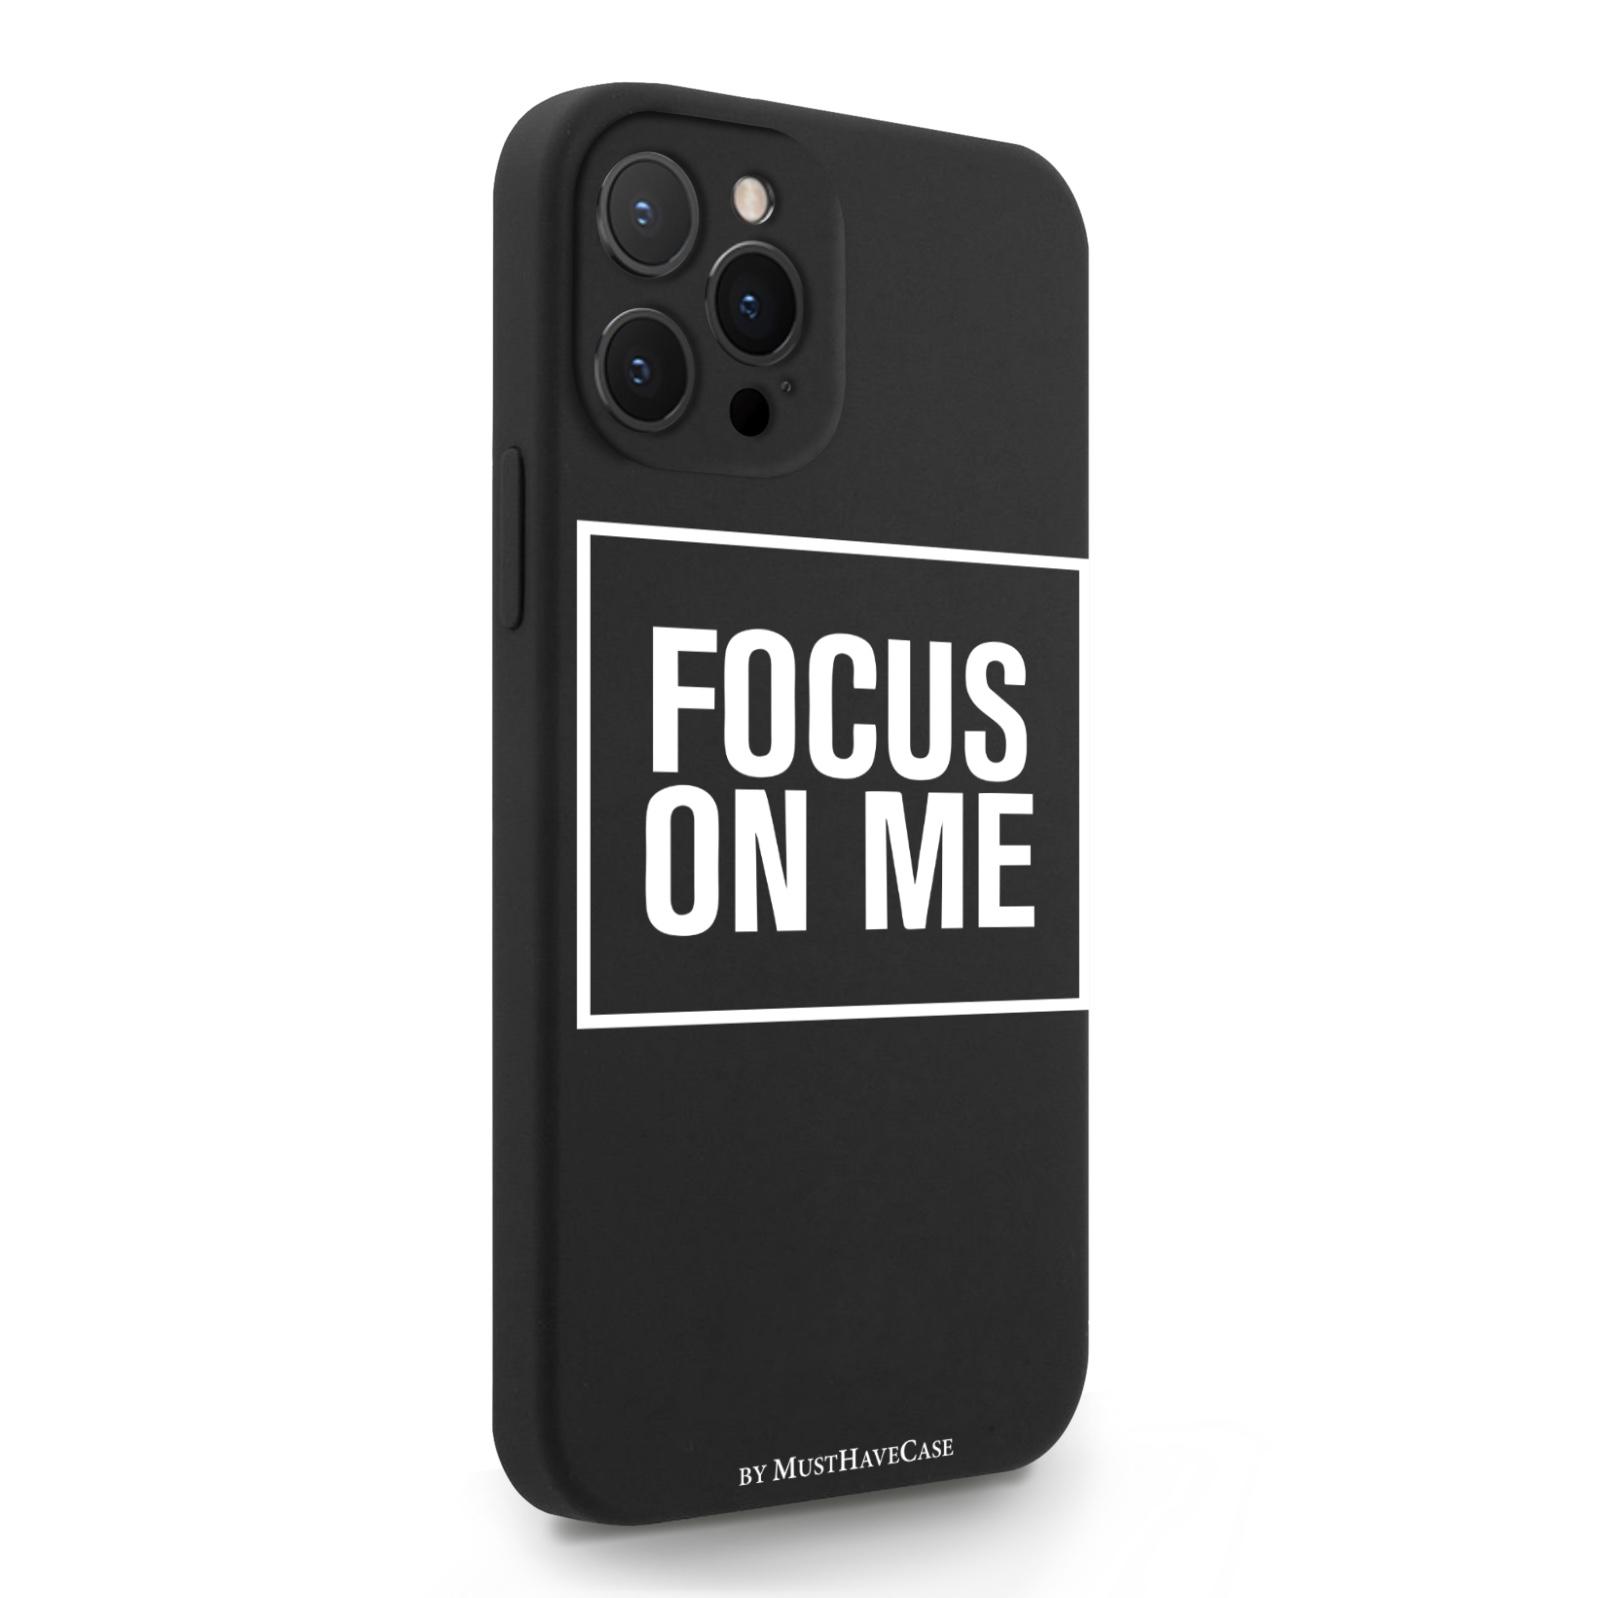 Черный силиконовый чехол для iPhone 12 Pro Max Focus on me для Айфон 12 Про Макс